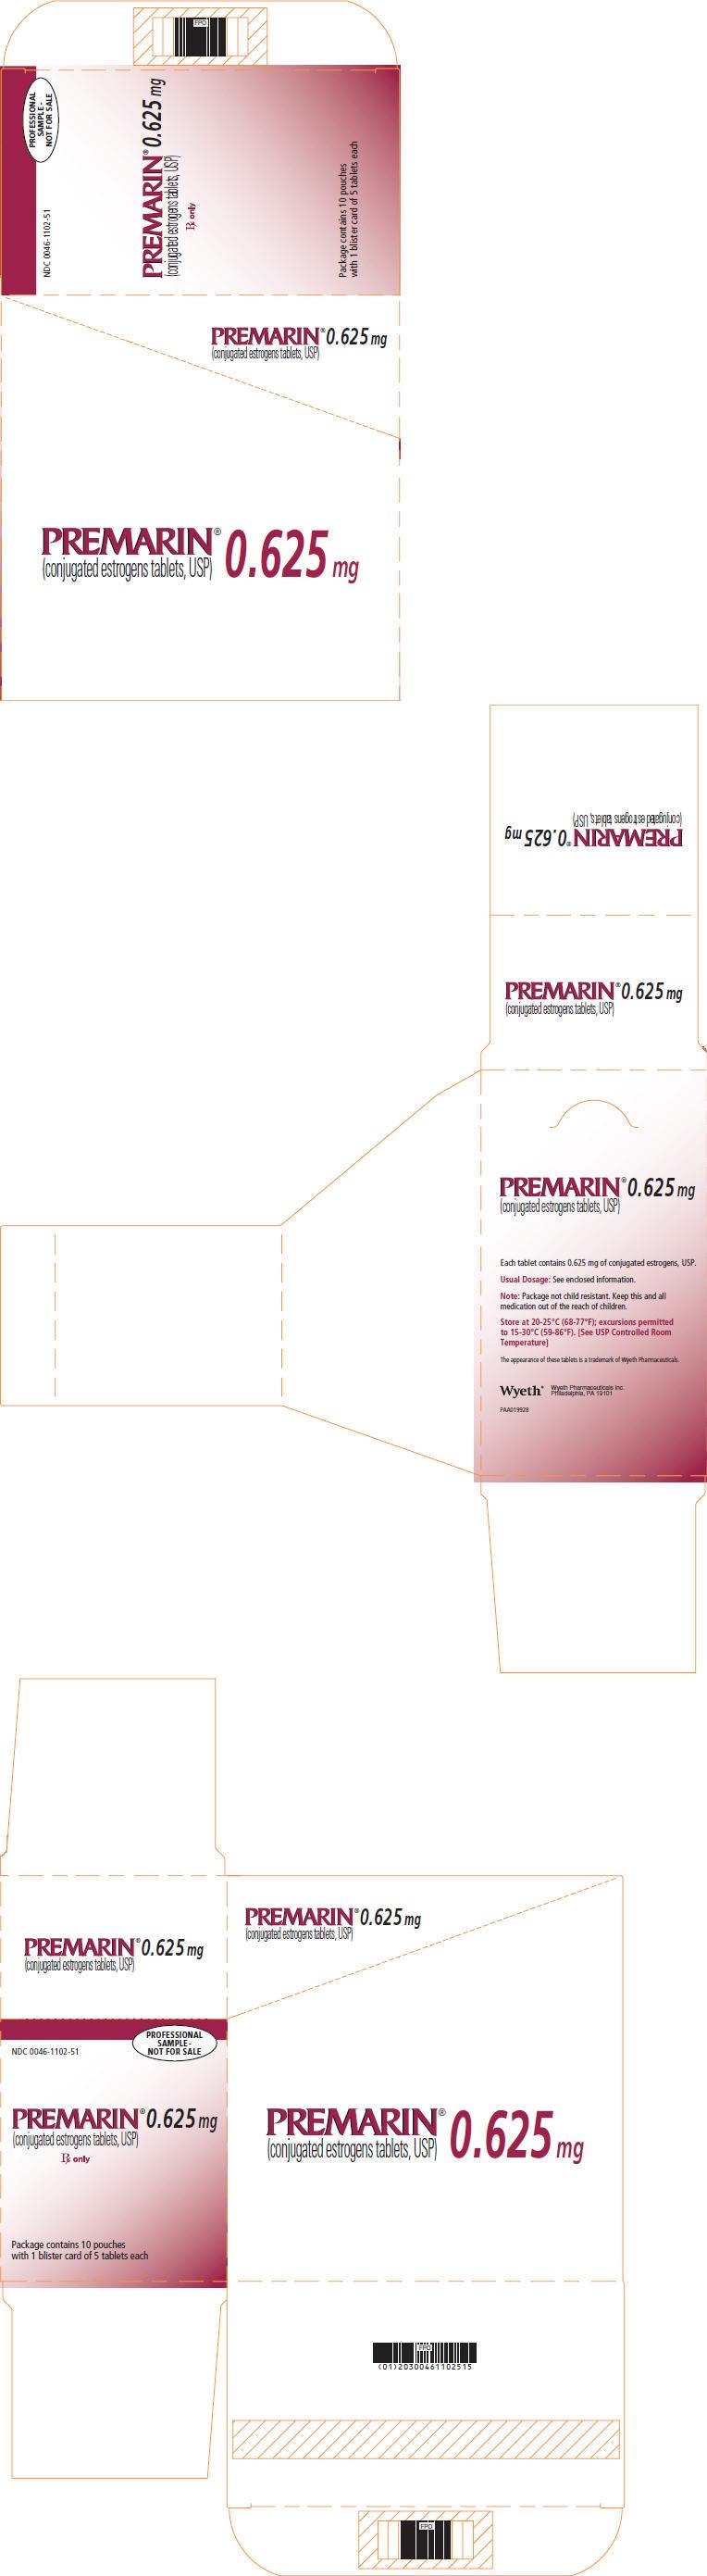 PRINCIPAL DISPLAY PANEL - 0.625 MG -CARTON